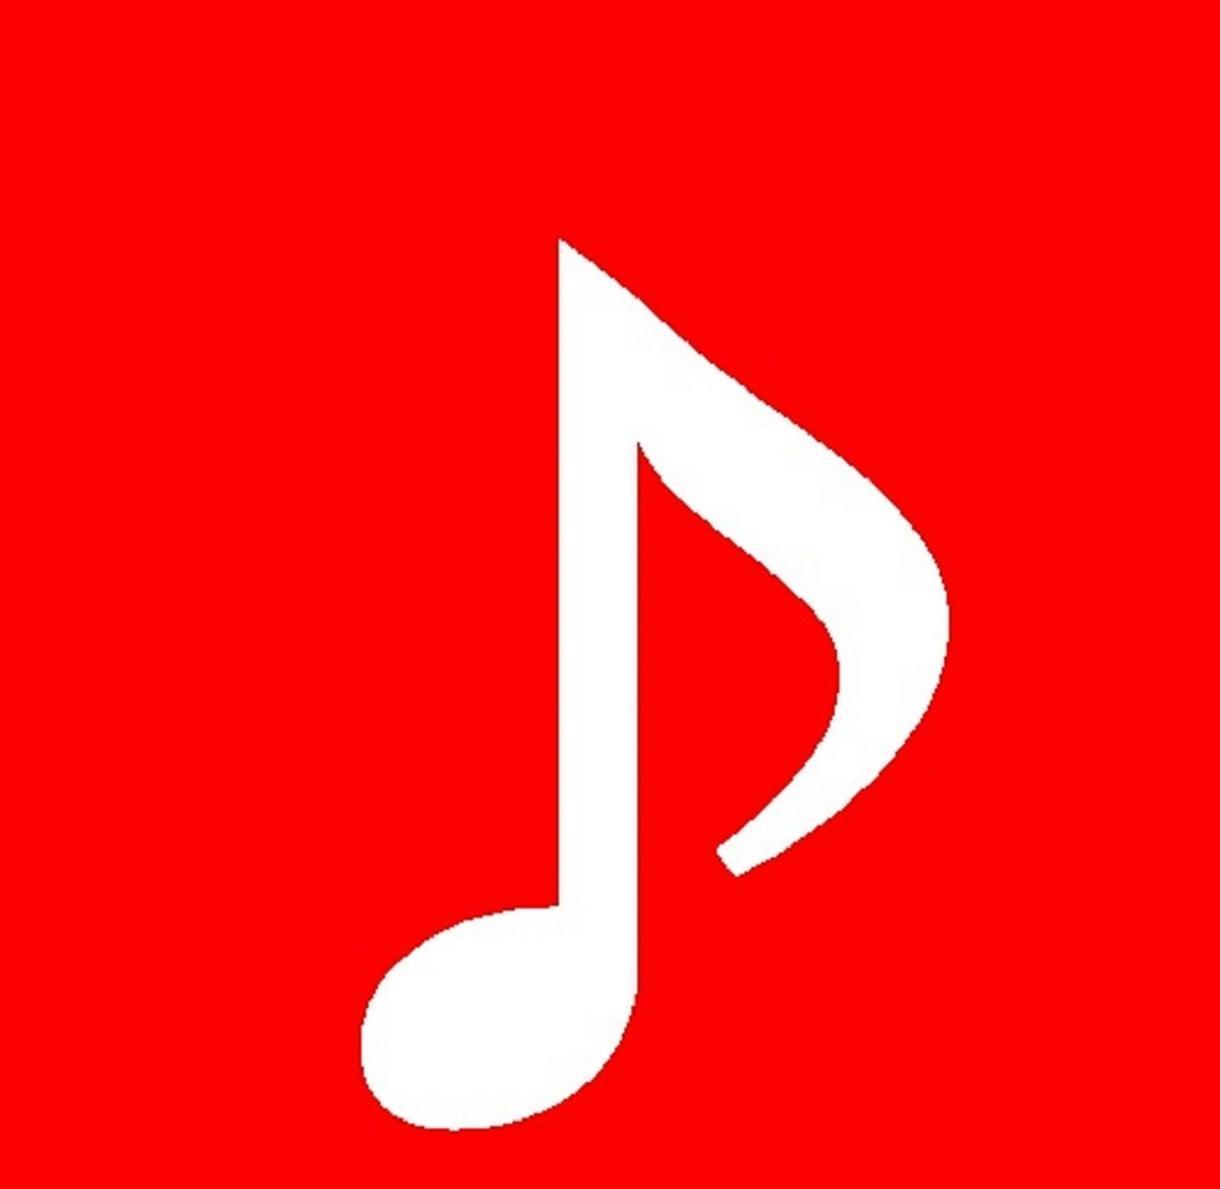 っぽい曲を作ります 例えば何か曲を指定してください。似せます。